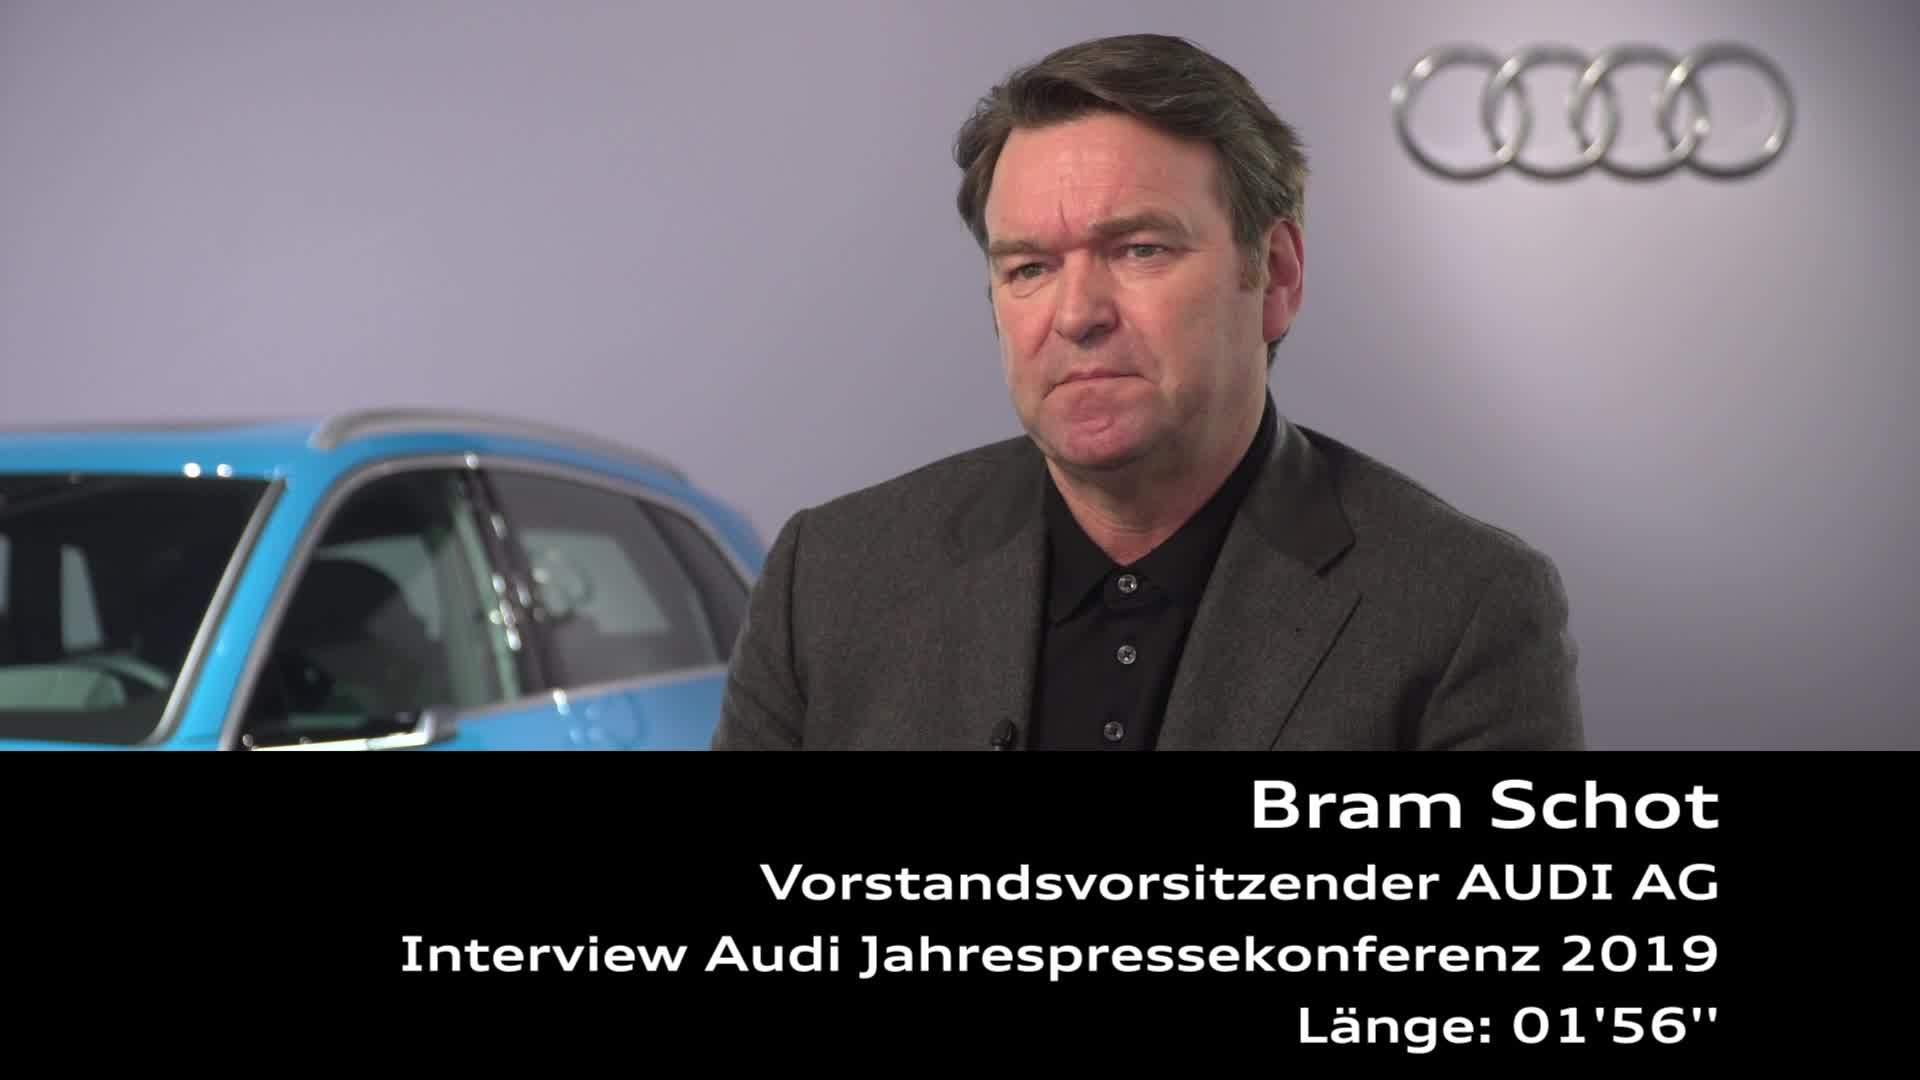 Audi Jahrespressekonferenz 2019 Interview Bram Schot